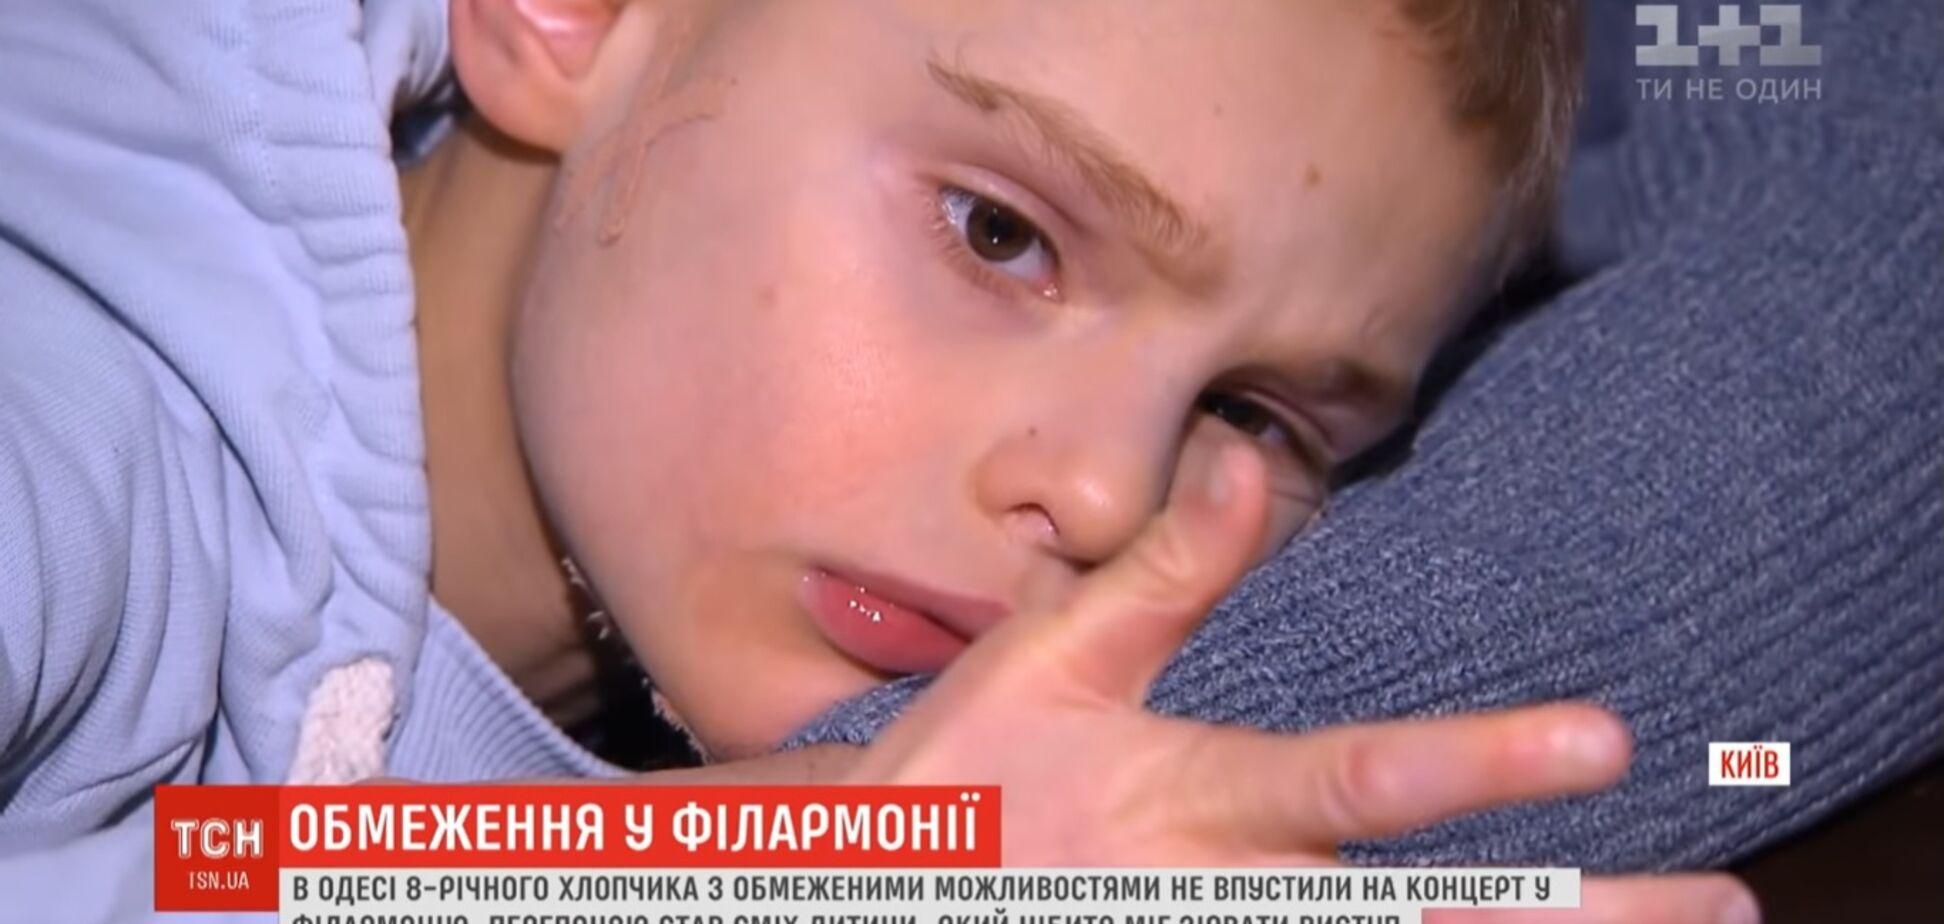 В Одессе ребенка с ДЦП не пускали на концерт в филармонии